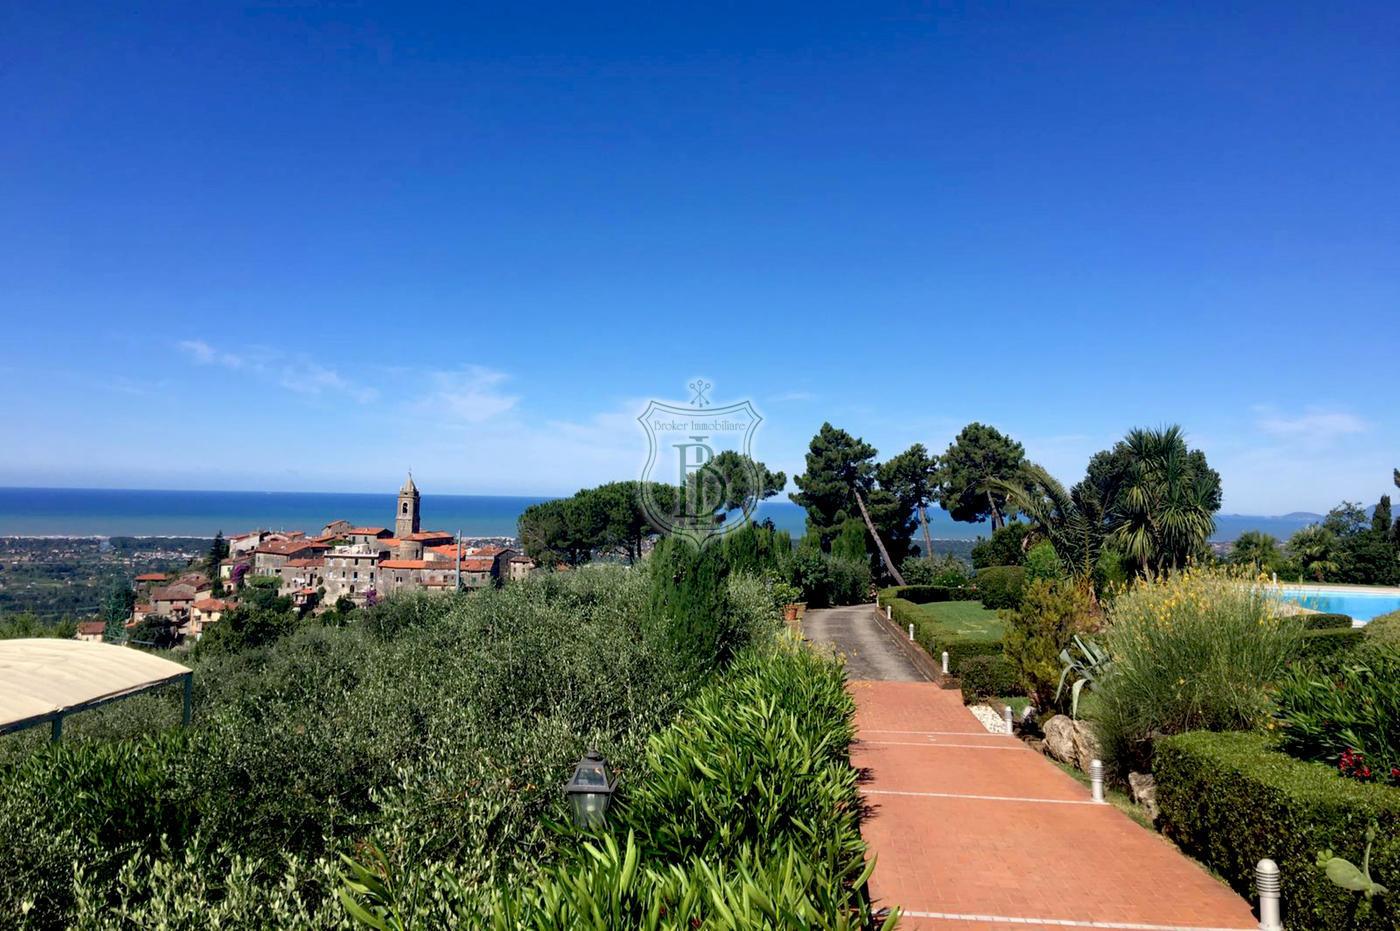 Villa in vendita a Camaiore con oliveto, piscina, depandance e vista mare